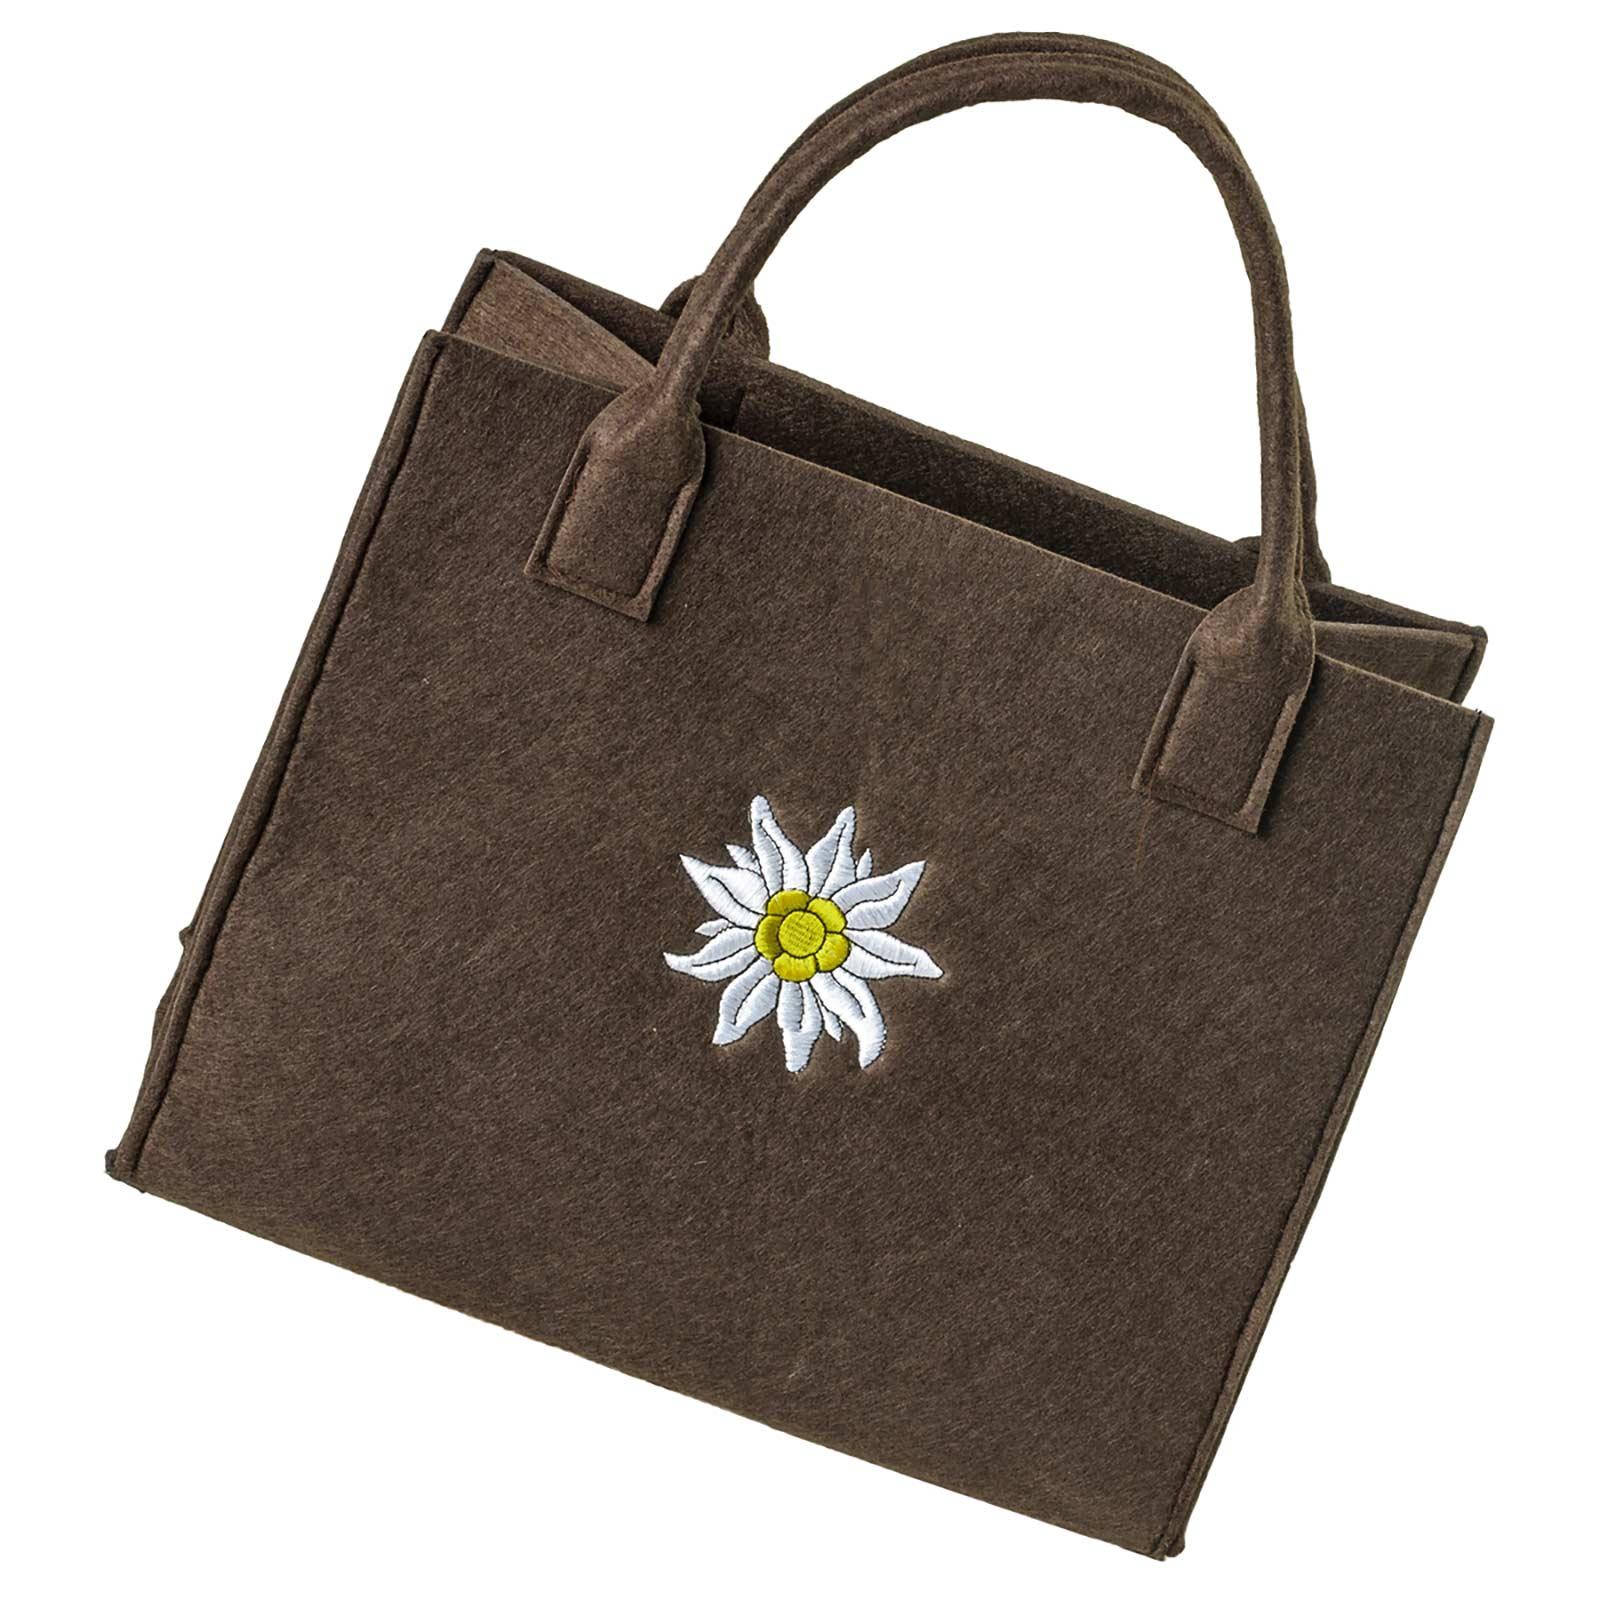 Filztasche 35x20x43cm Einkaufstasche Handtasche Shopper 2-farbig o. Motiv – Bild 9